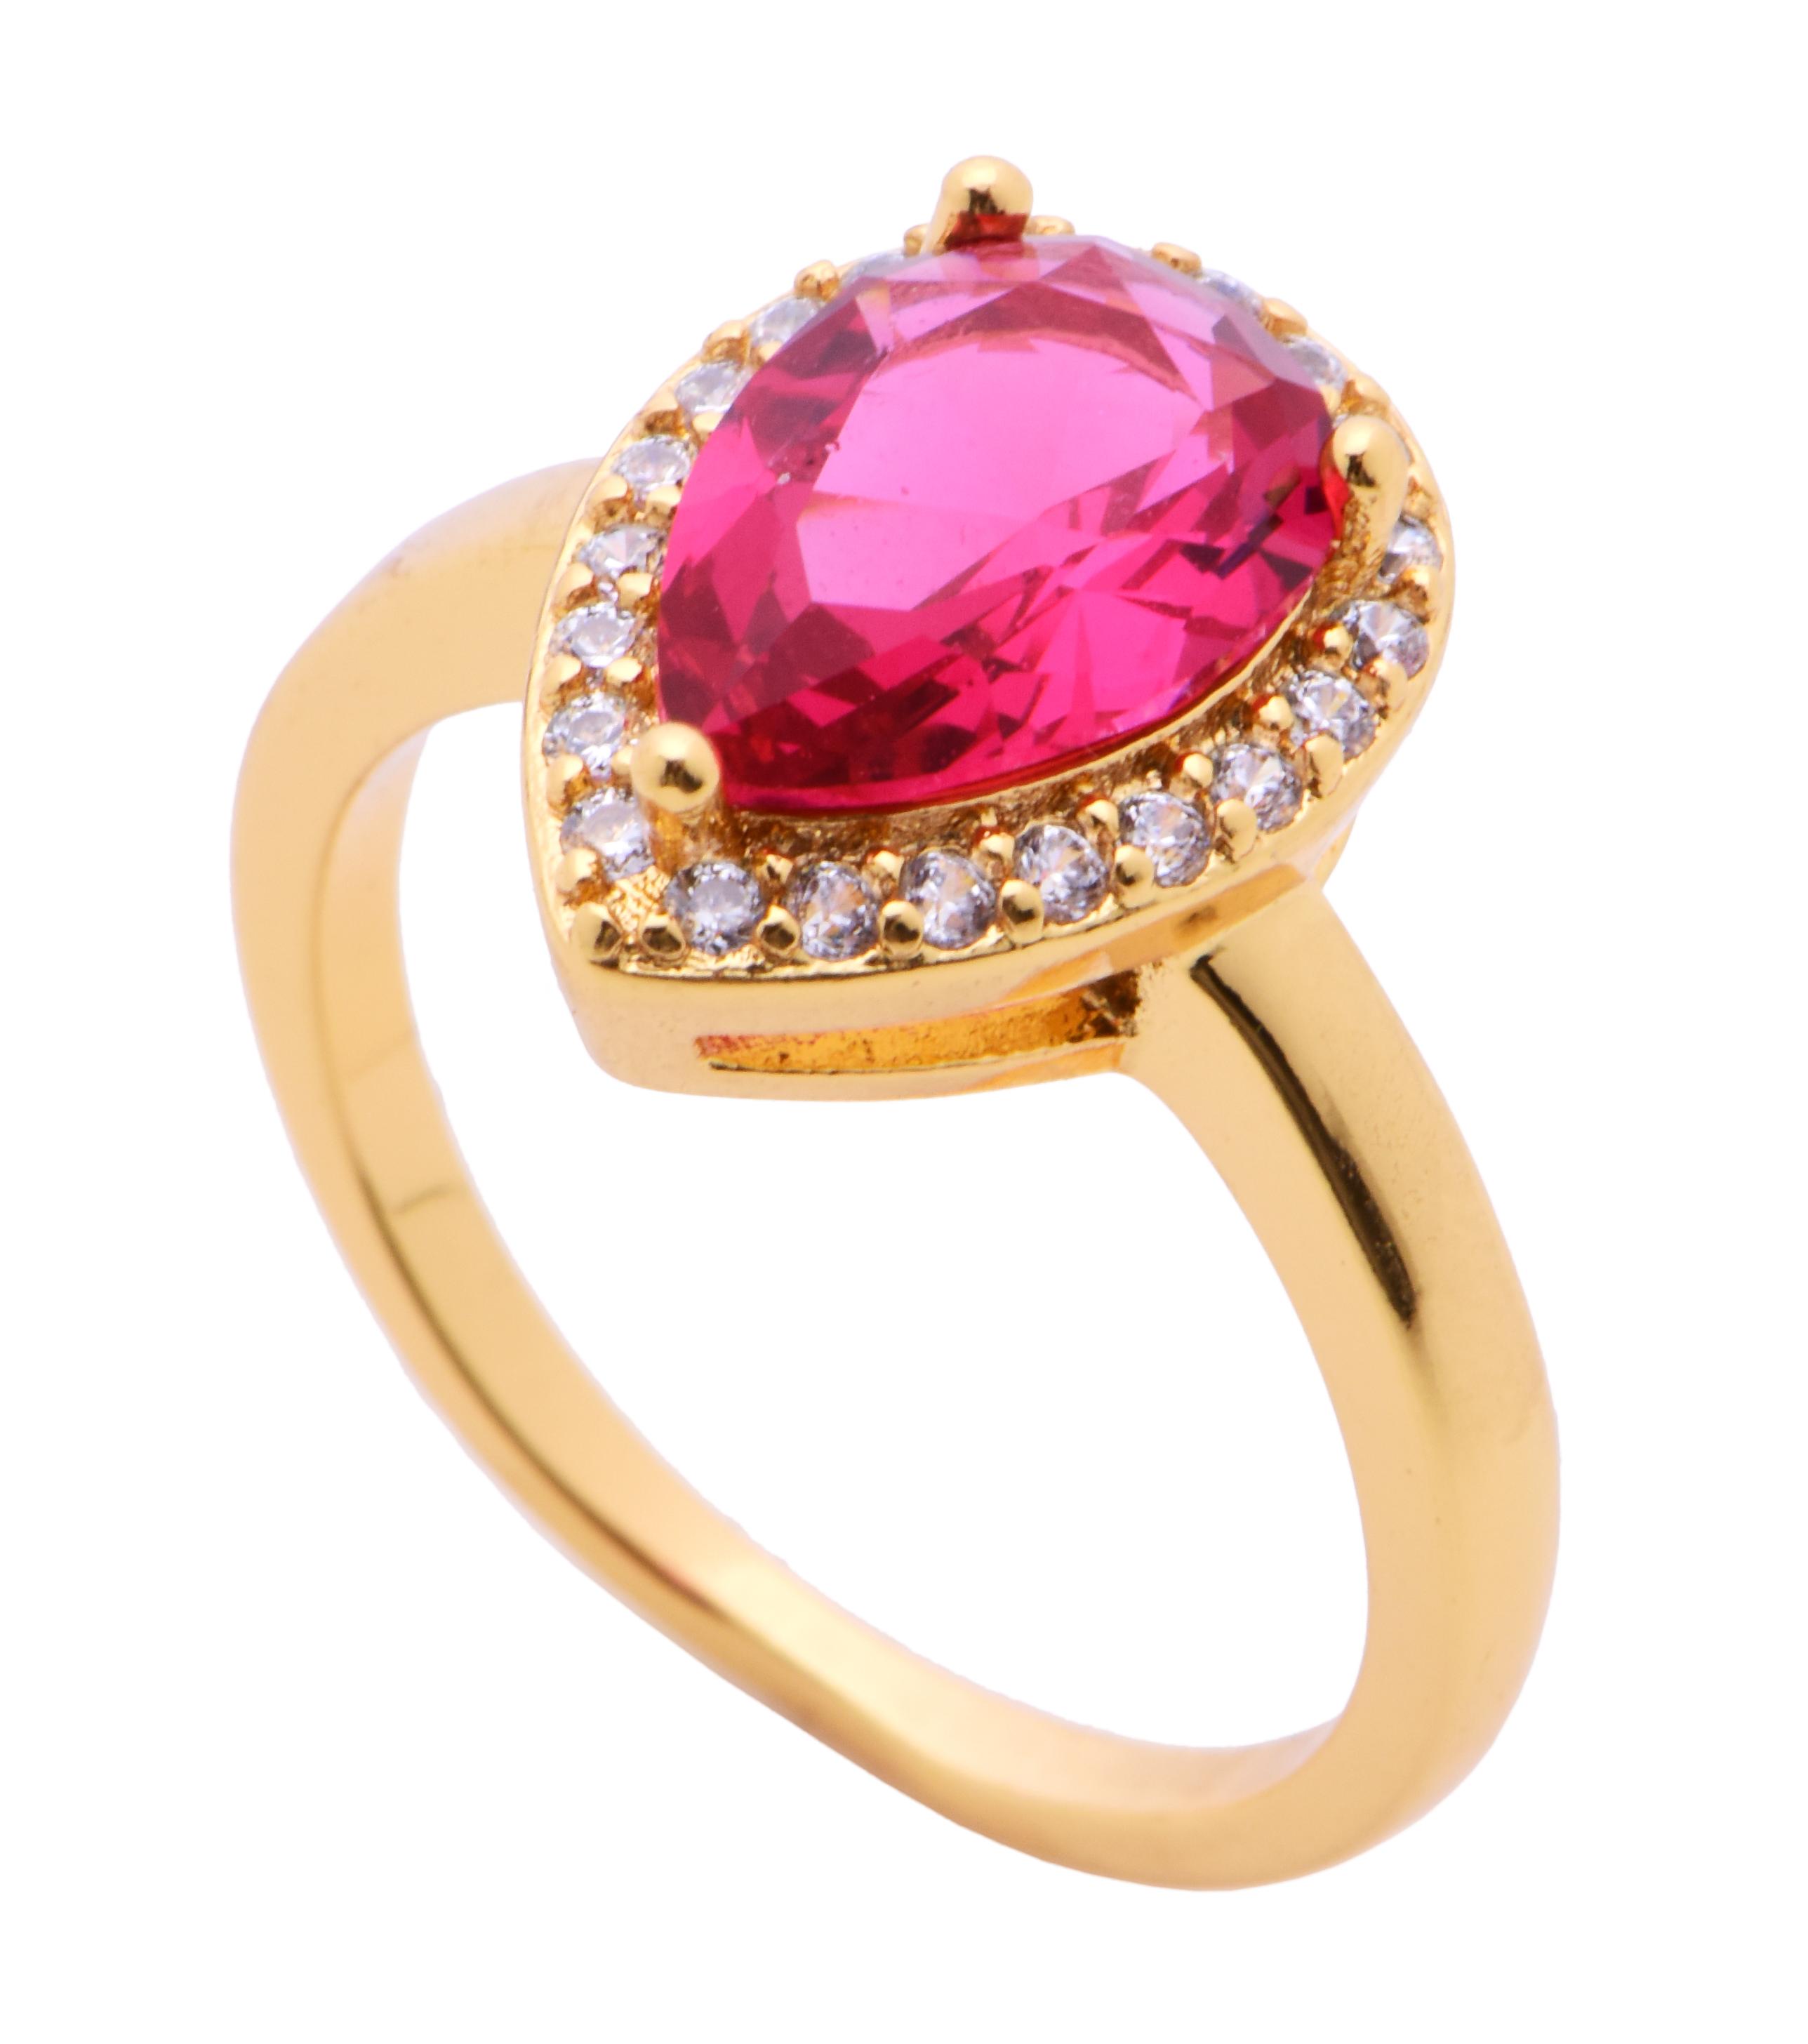 Prstensezirkony pozlaceno 24 Kt. barva rubínu 2(vel.7)